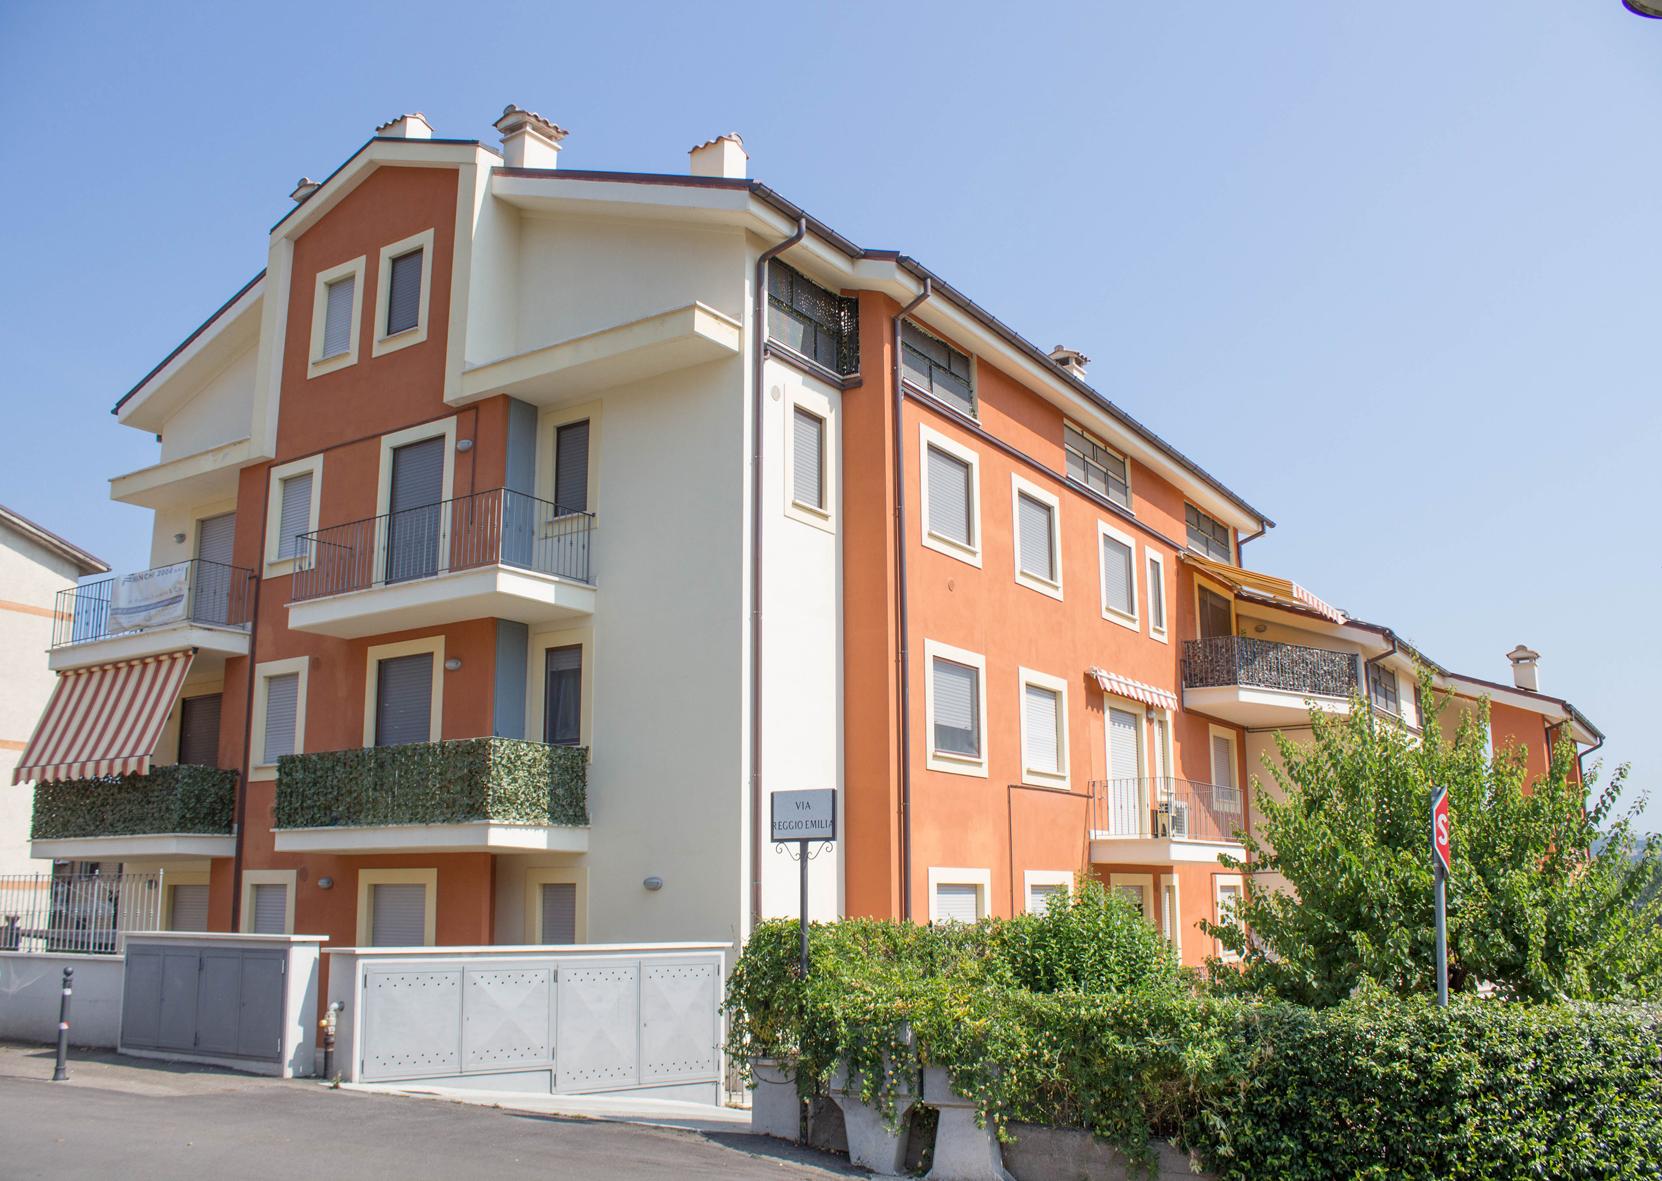 Appartamento in vendita a Orte, 3 locali, zona Località: OrteScalo, prezzo € 146.000 | CambioCasa.it